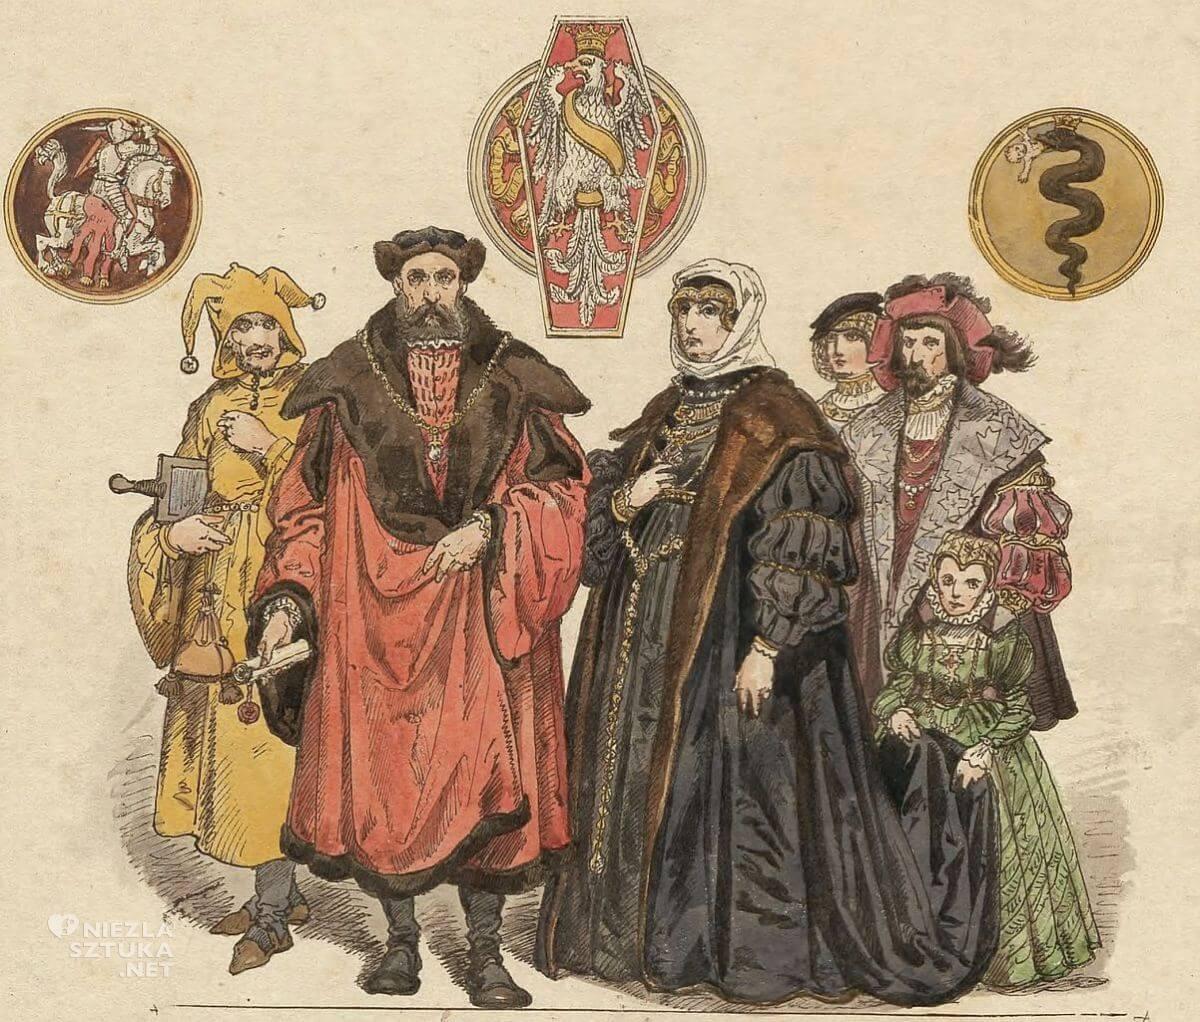 Jan Matejko, Zygmunt Stary, Bona Sforza, ubiory w Polsce, Niezła sztuka